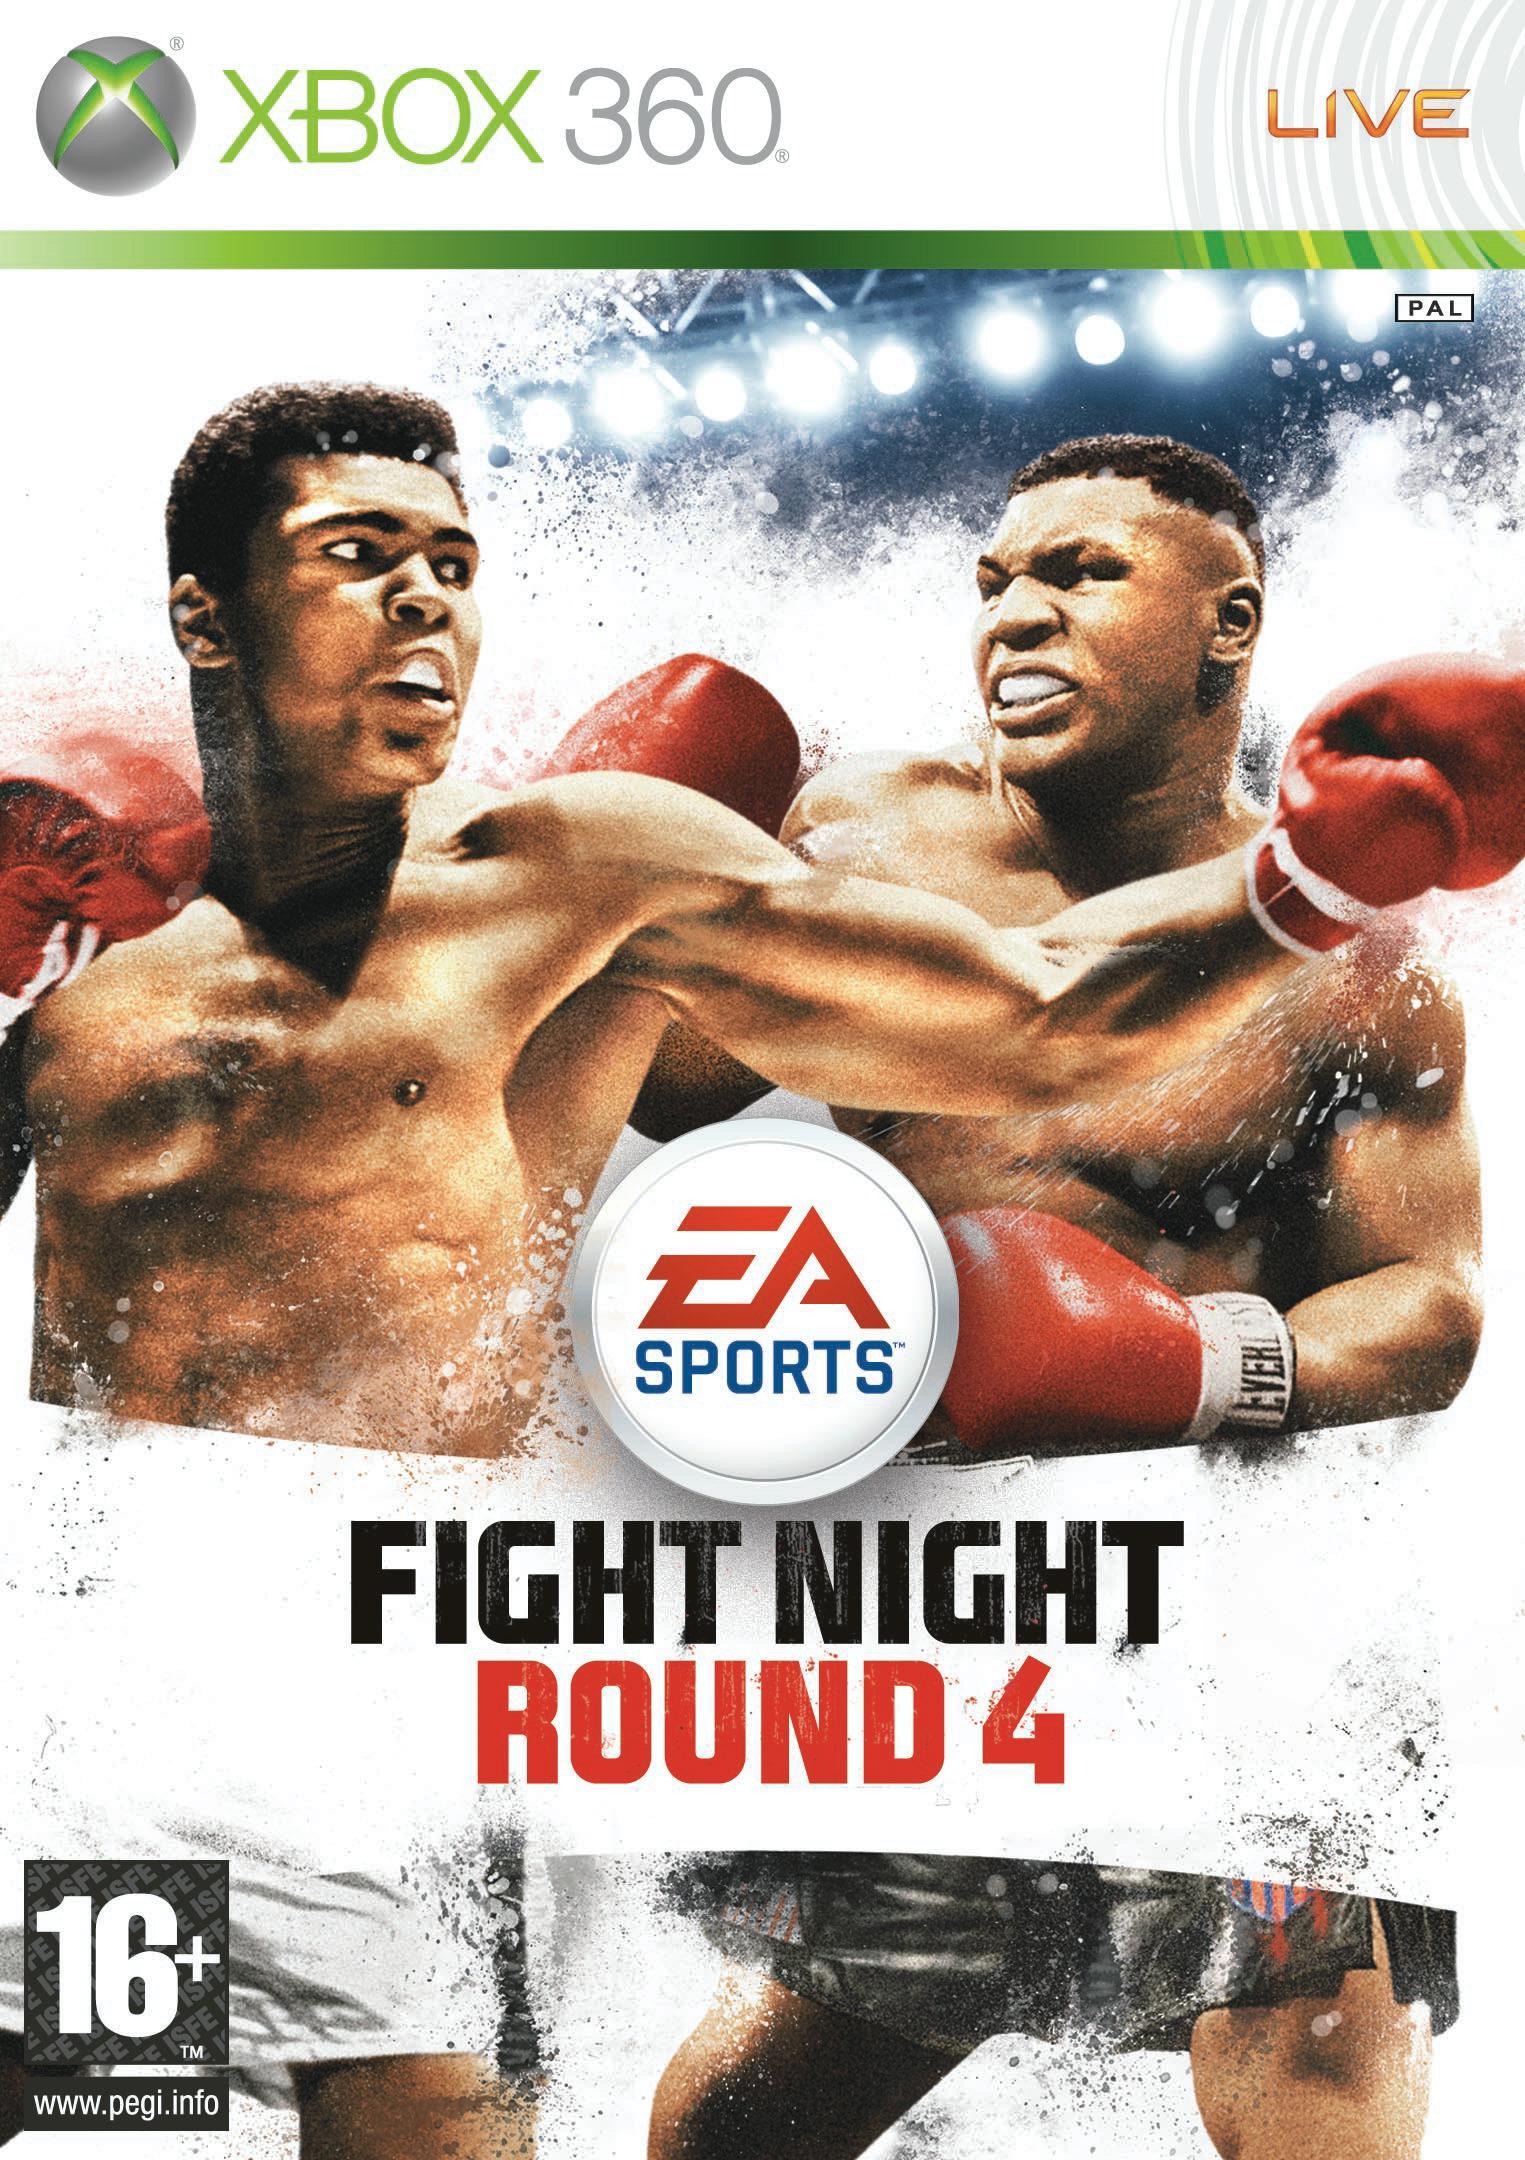 FightNight Round4 X360